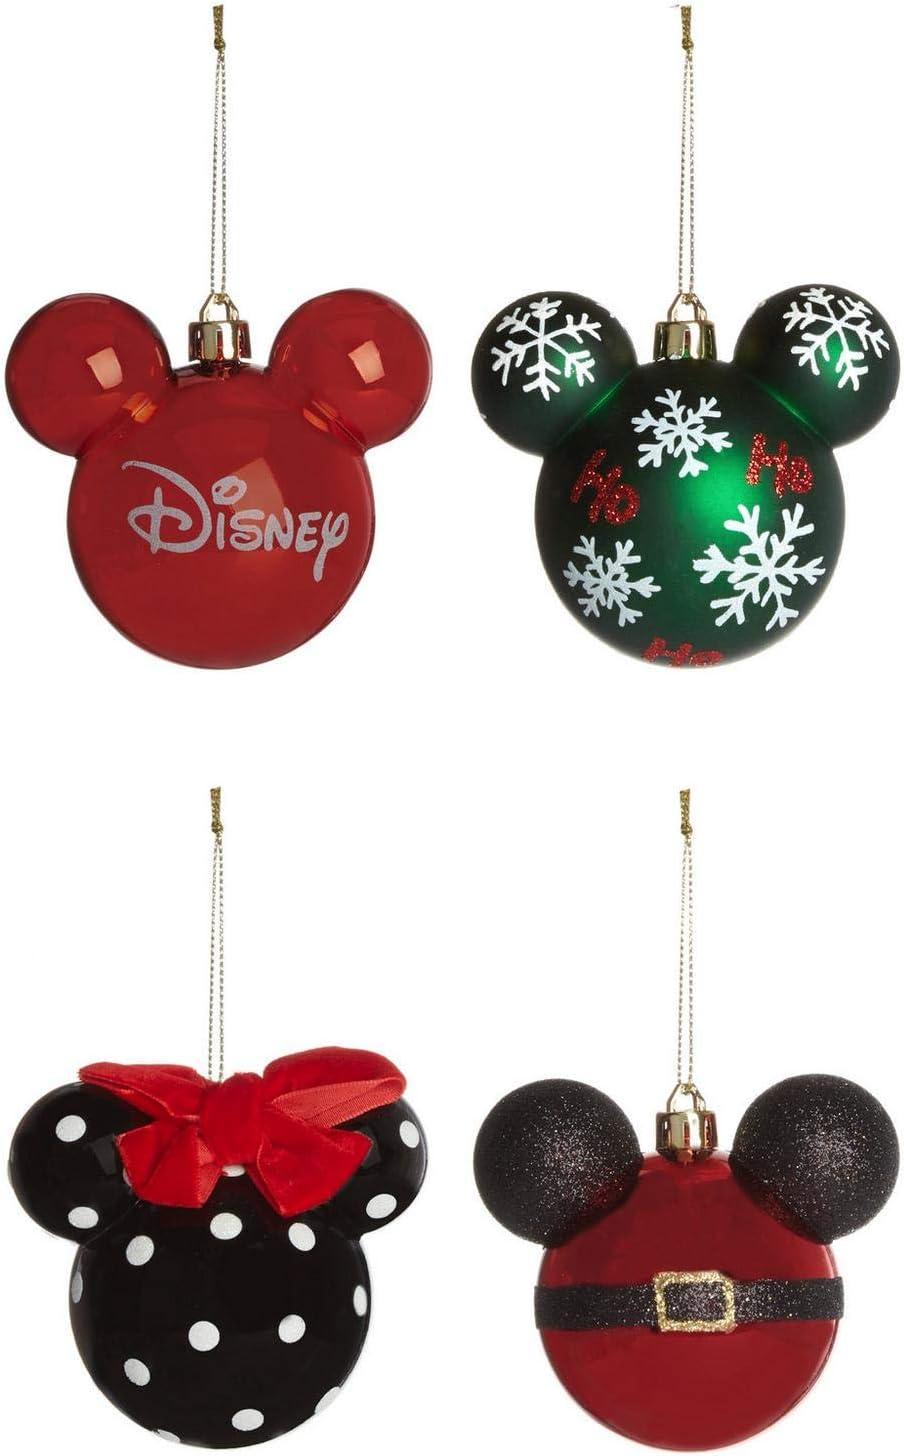 Primark Licensed Disney Mickey & Minnie Mouse Decoración Pack 4 Bolas de Navidad Grandes: Amazon.es: Hogar